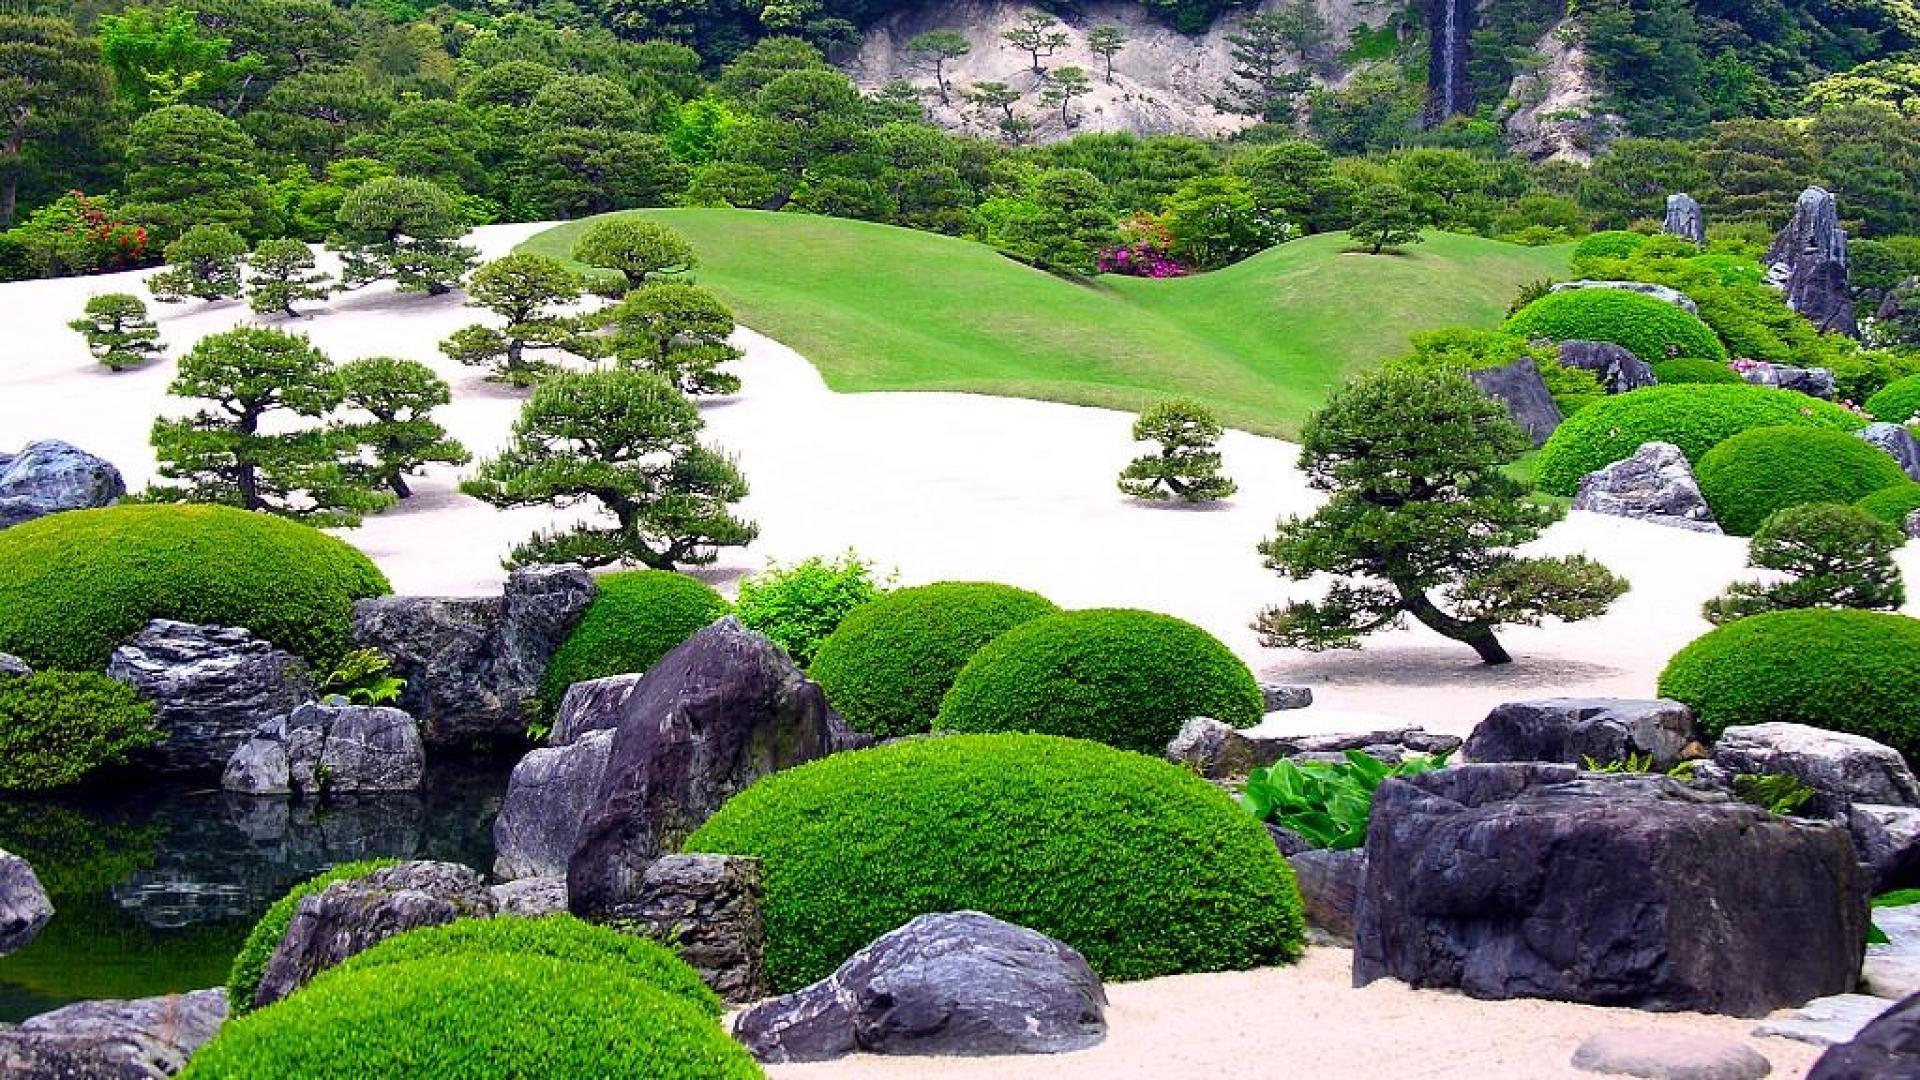 … Zen Garden Wallpaper 14. Download